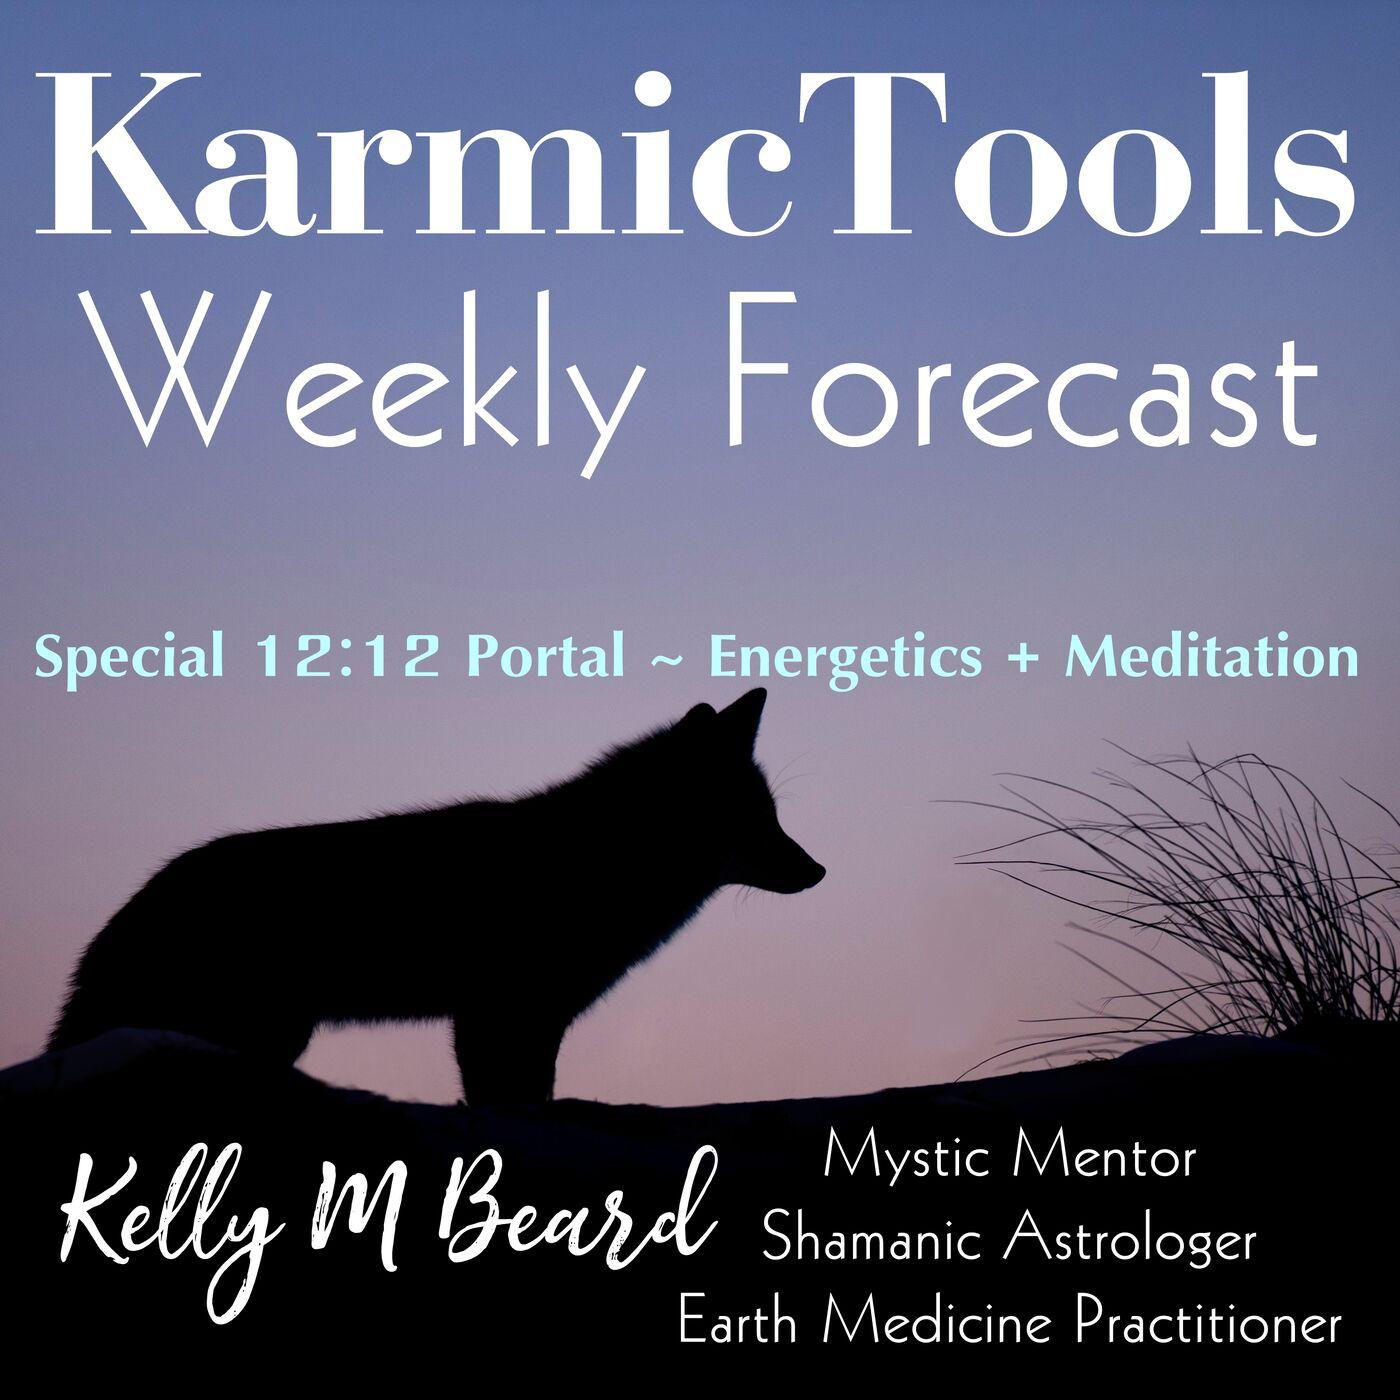 Special 12:12 Portal ~ Energetics + Meditation